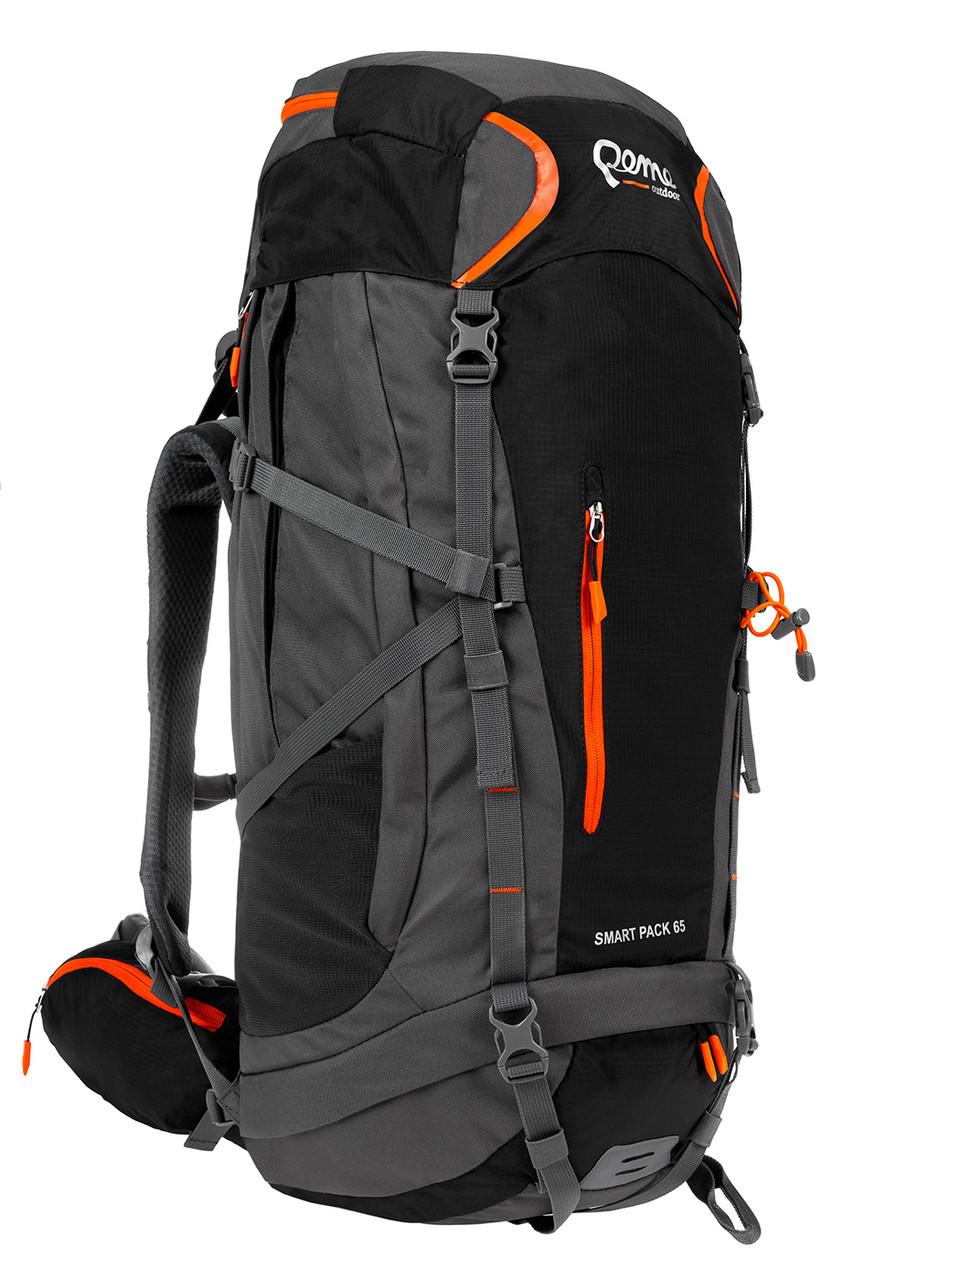 Рюкзак Peme Smart Pack 65 Black